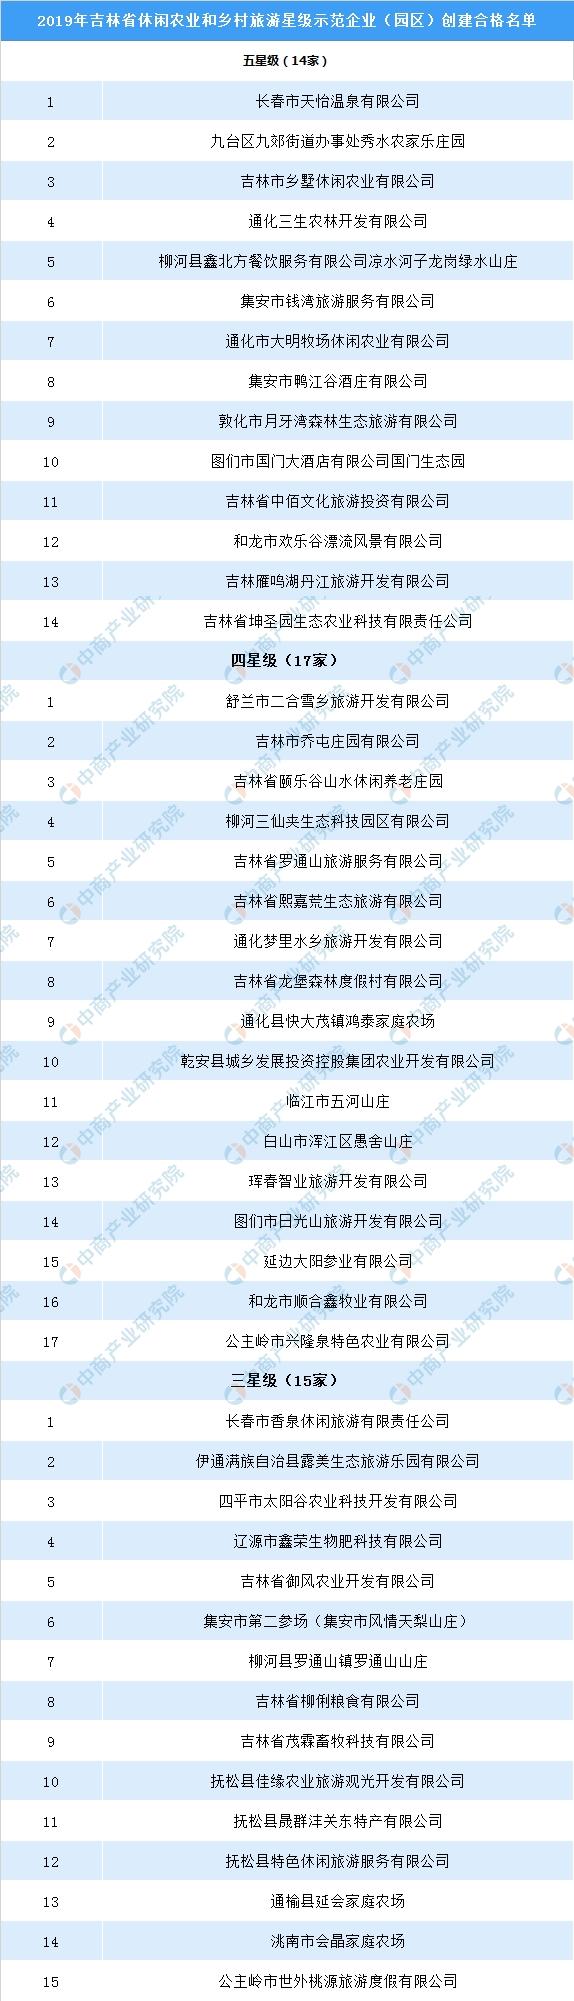 2019年吉林省休闲农业和乡村旅游星级示范企业名单公布:共46家